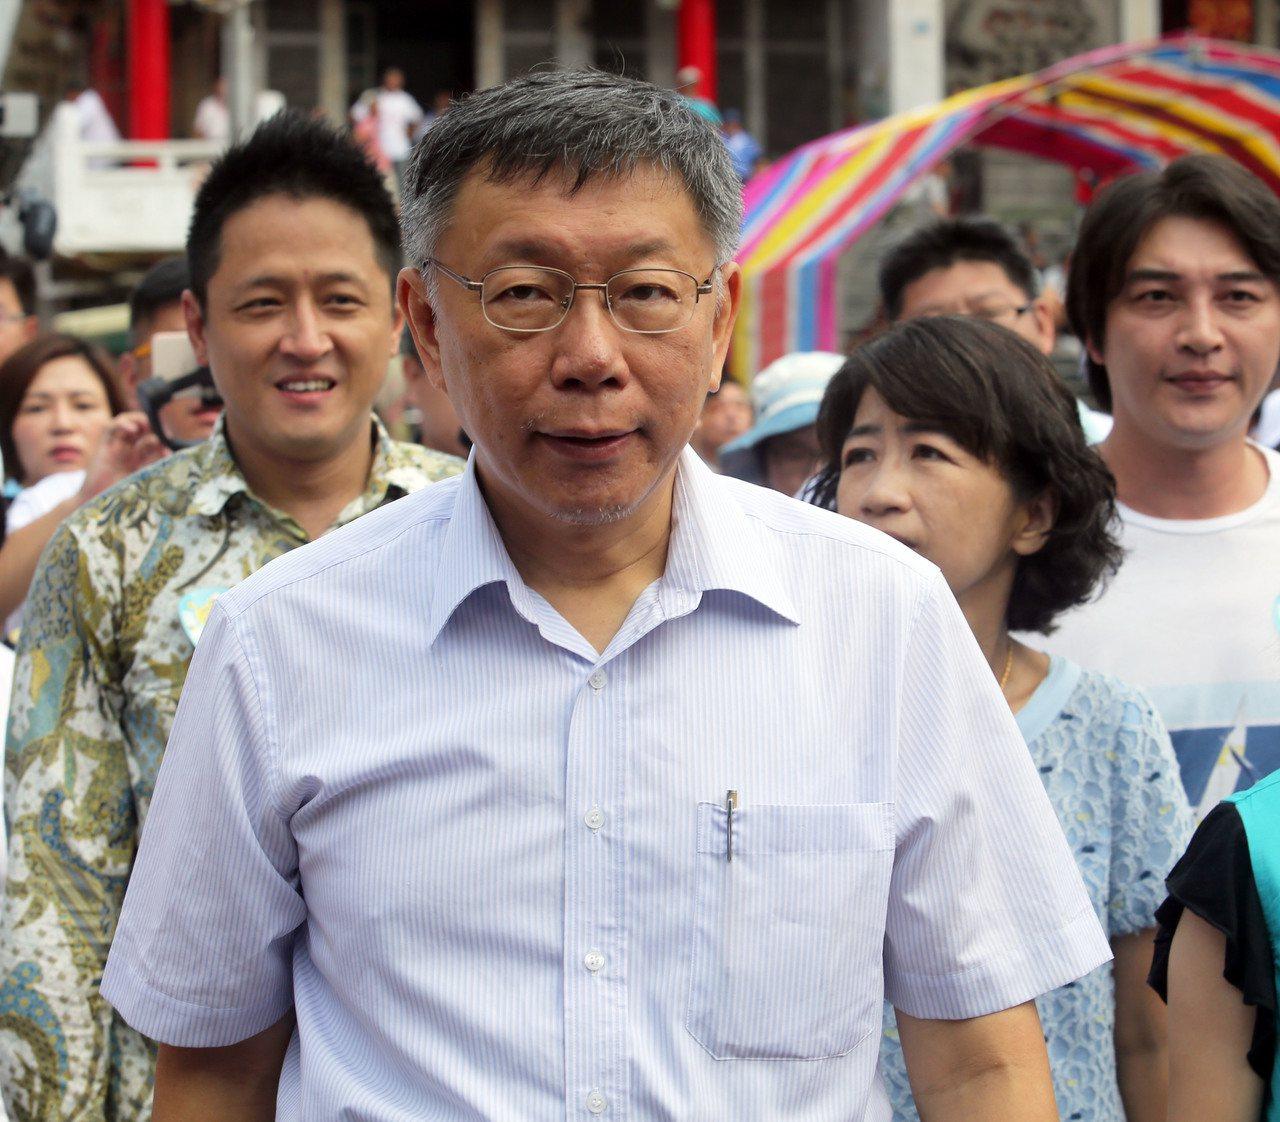 台北市長柯文哲(前)今天被問到國民黨總統參選人韓國瑜時表示,他覺得對國民黨來講,...